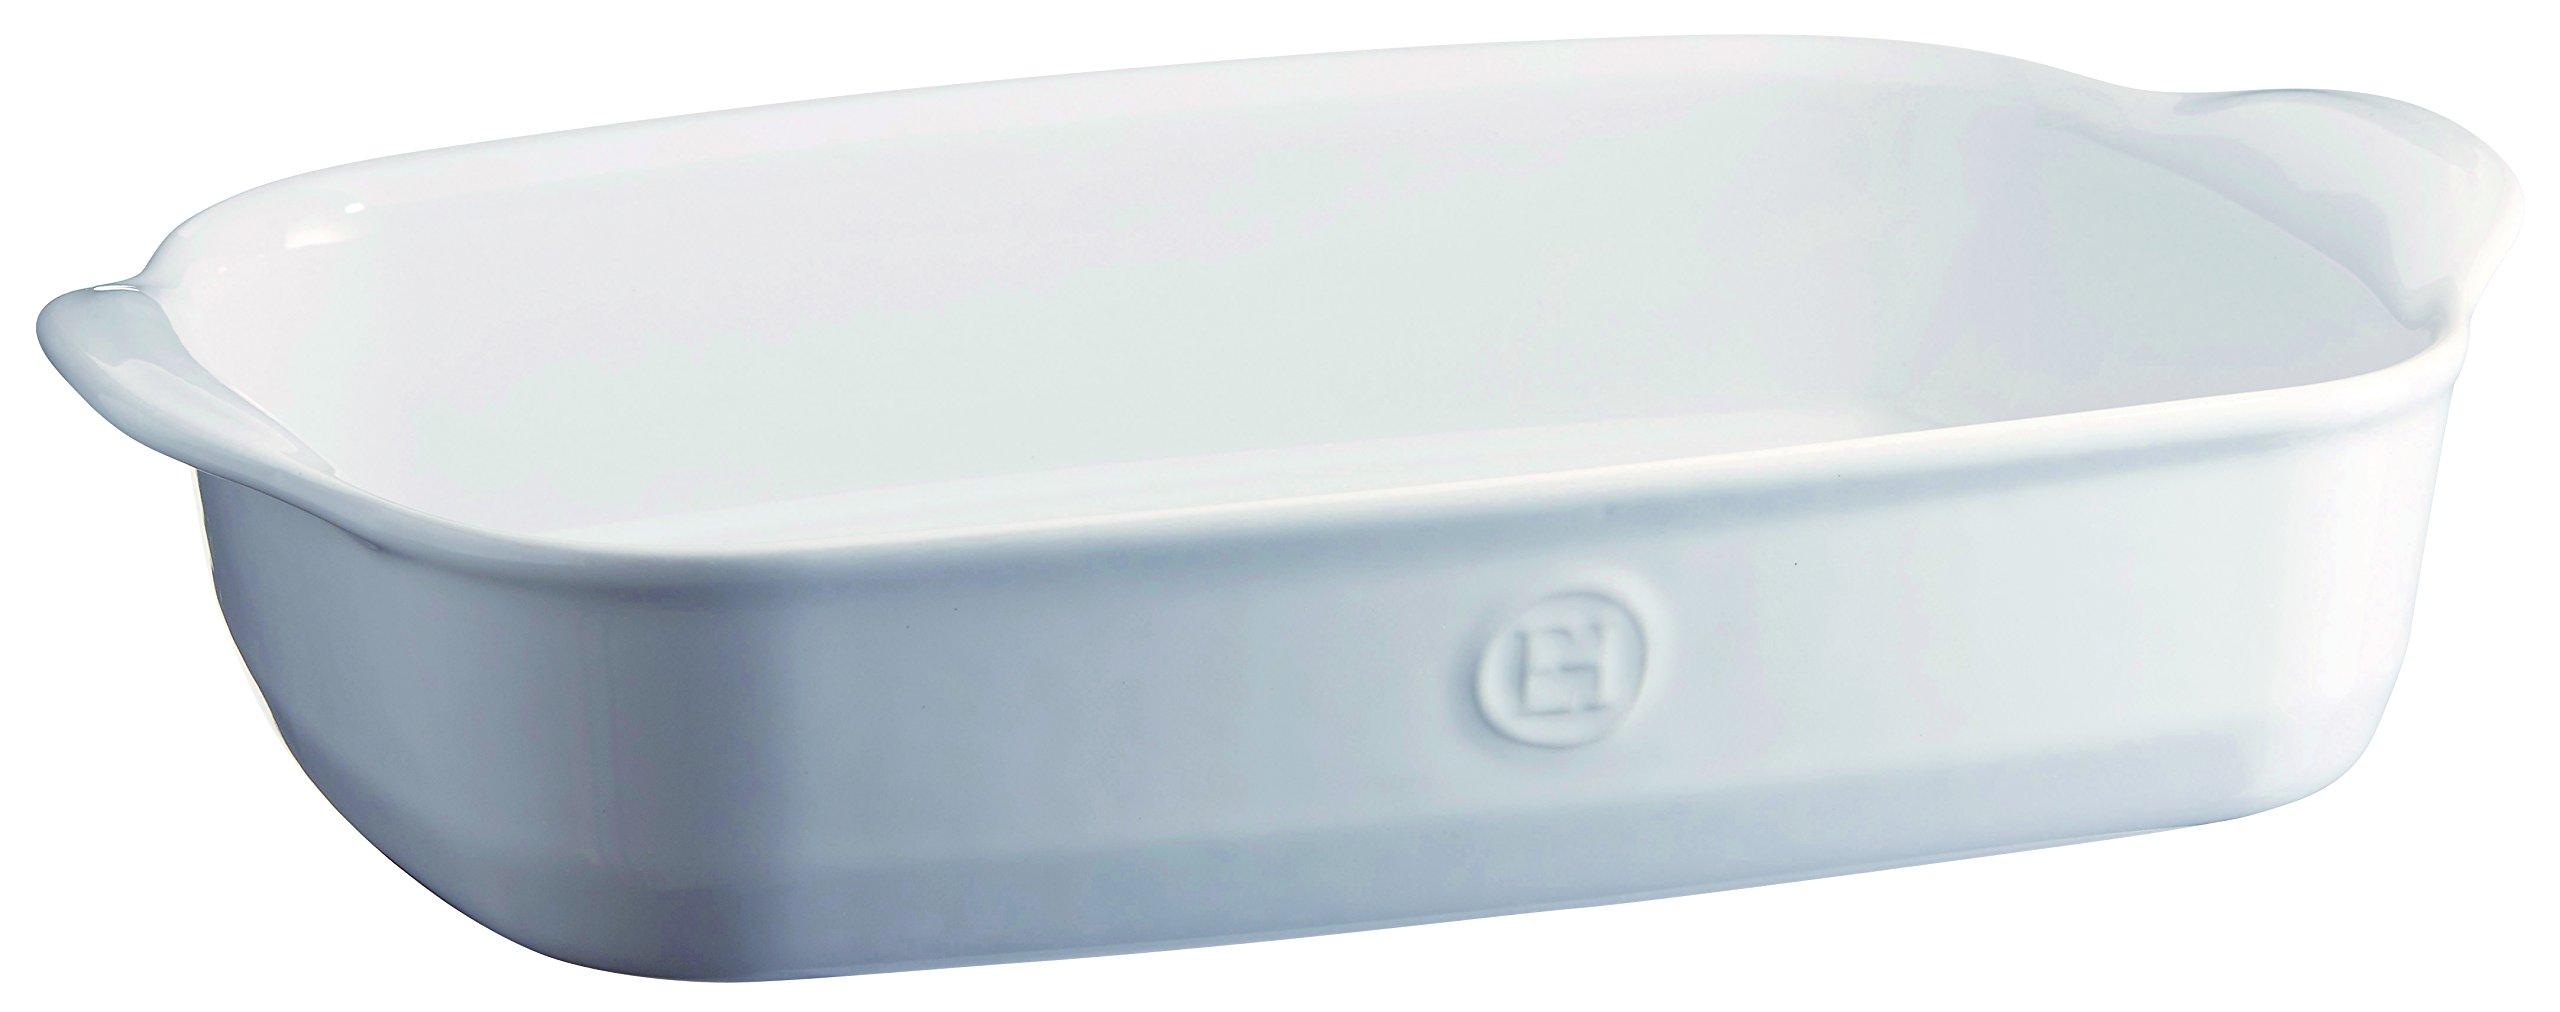 Emile Henry 119652 France Ovenware Ultime Rectangular Baking Dish, 14.2 x 9.1, Flouro